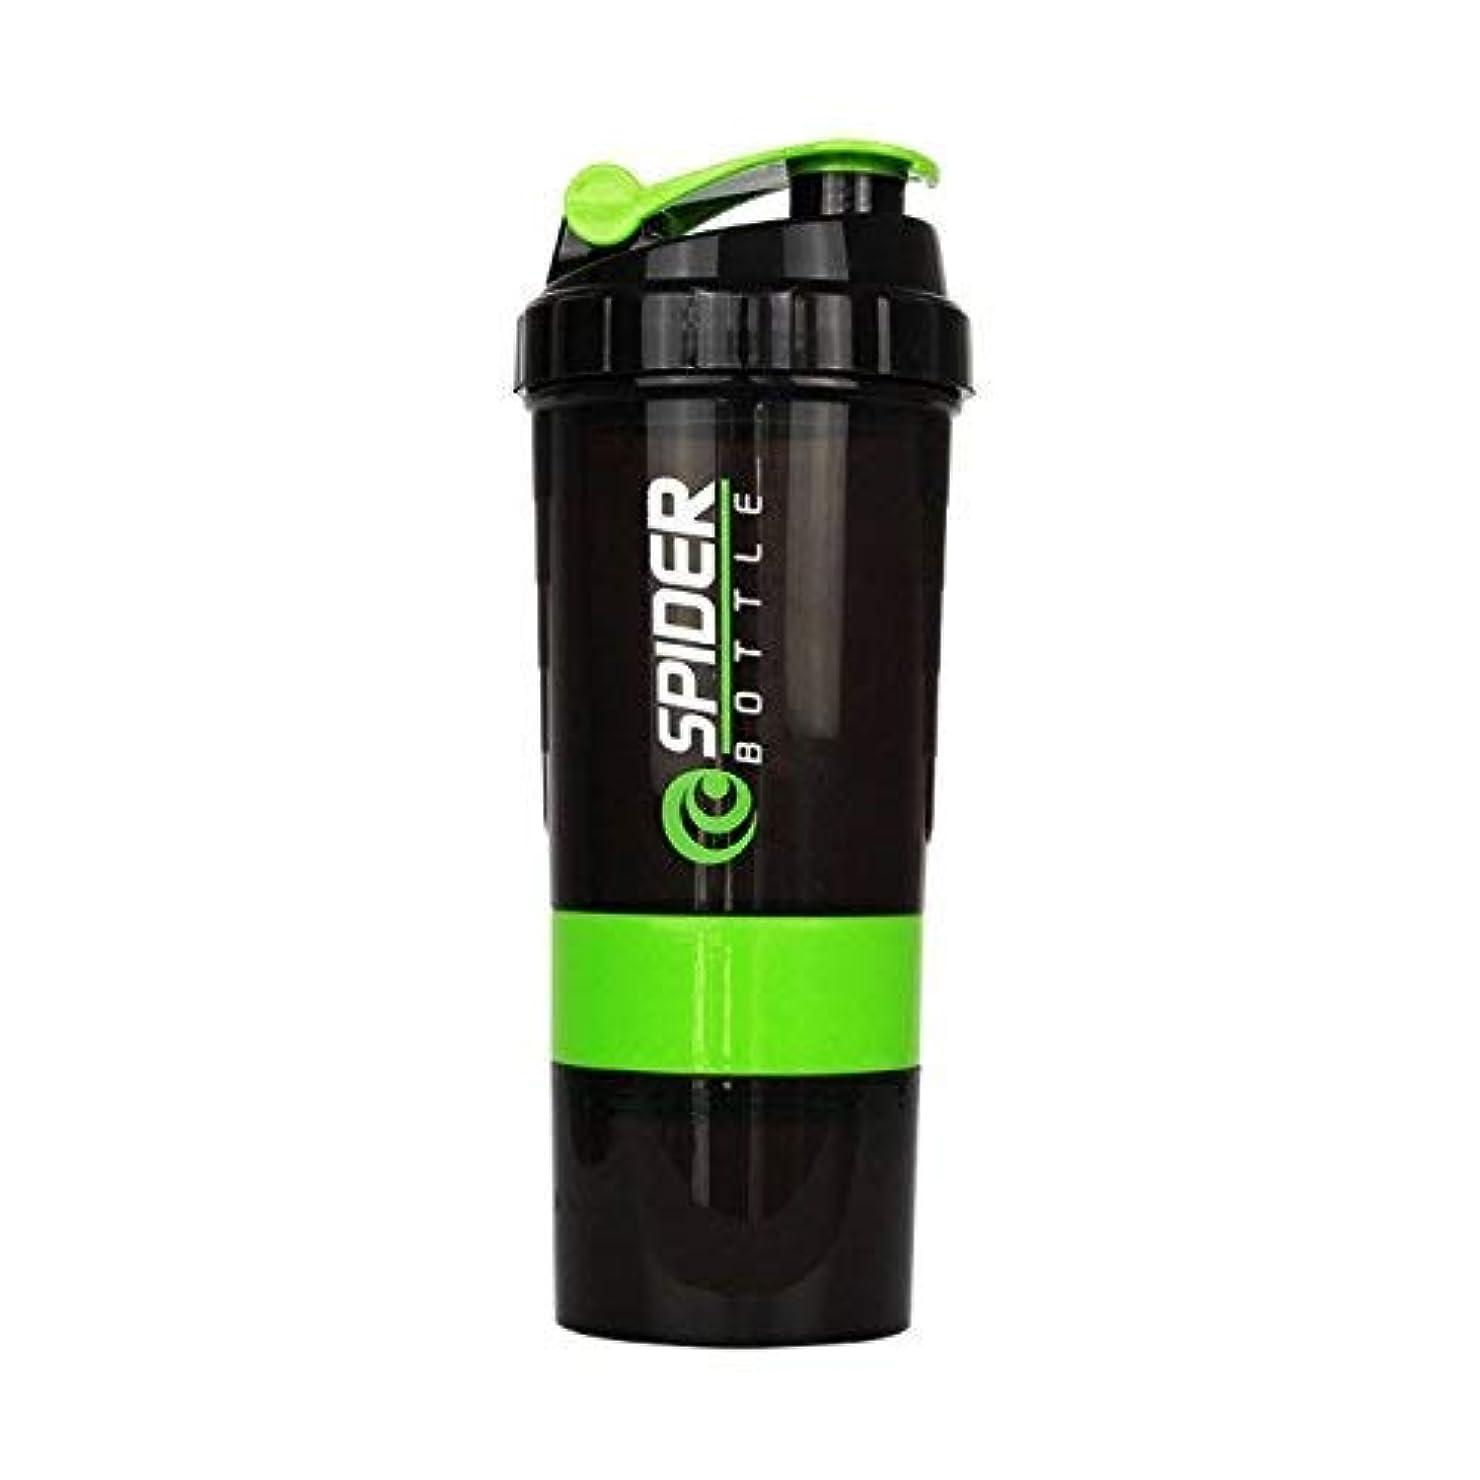 拡声器直面する解釈Aomgsd プロテインシェイカー 650ml シェーカーボトル プラスチック 目盛り ジム ダイエット スポーツ (グリーン)